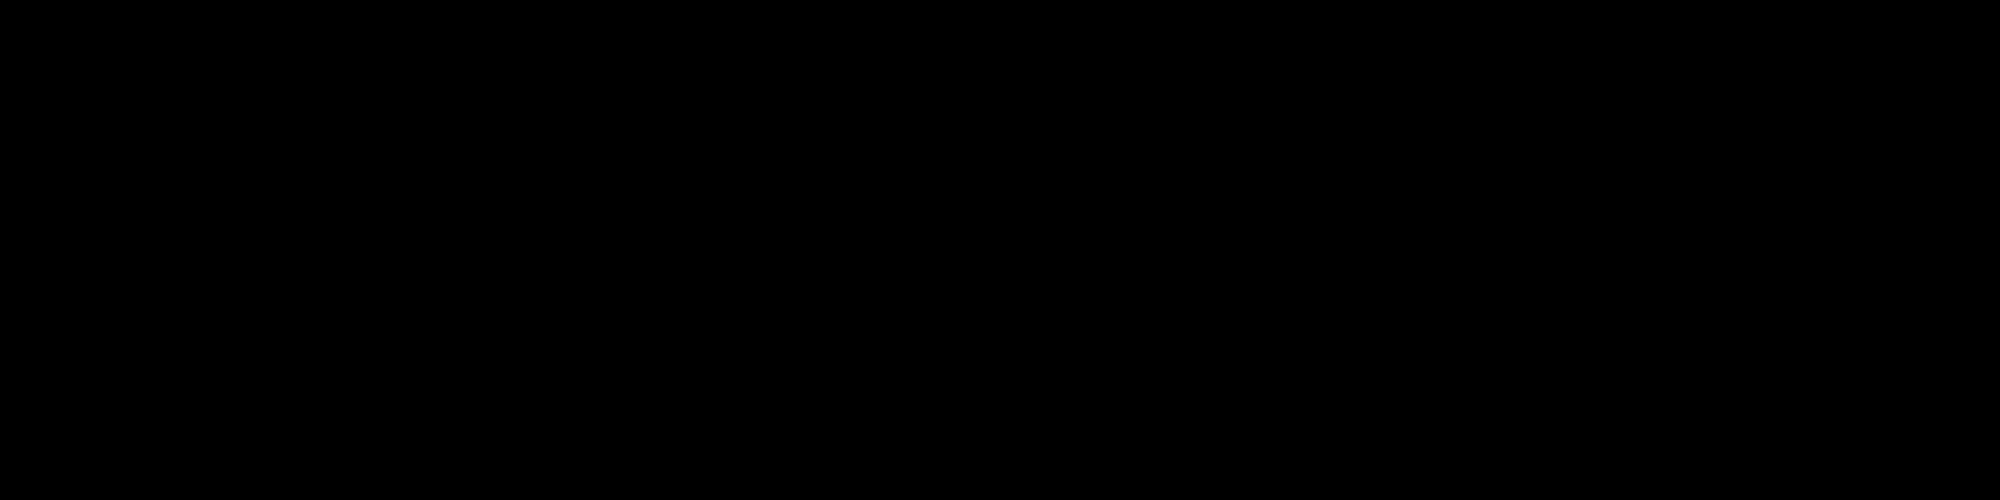 BROWNETOWNE